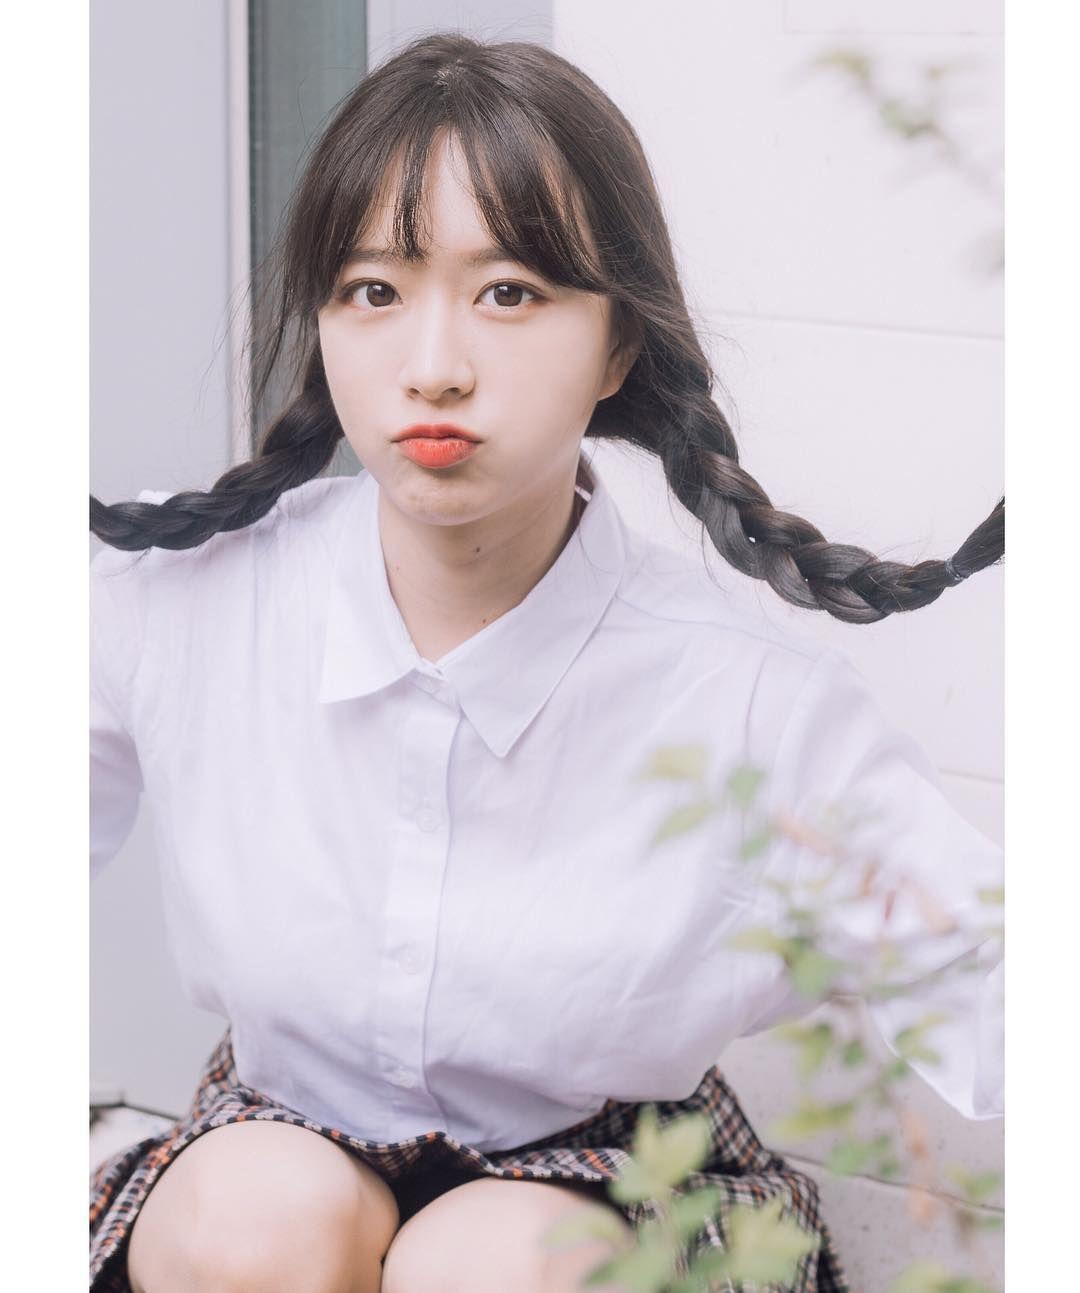 Ảnh gái xinh Nhật Bản 2019 gợi cảm xinh đẹp và quyến rũ